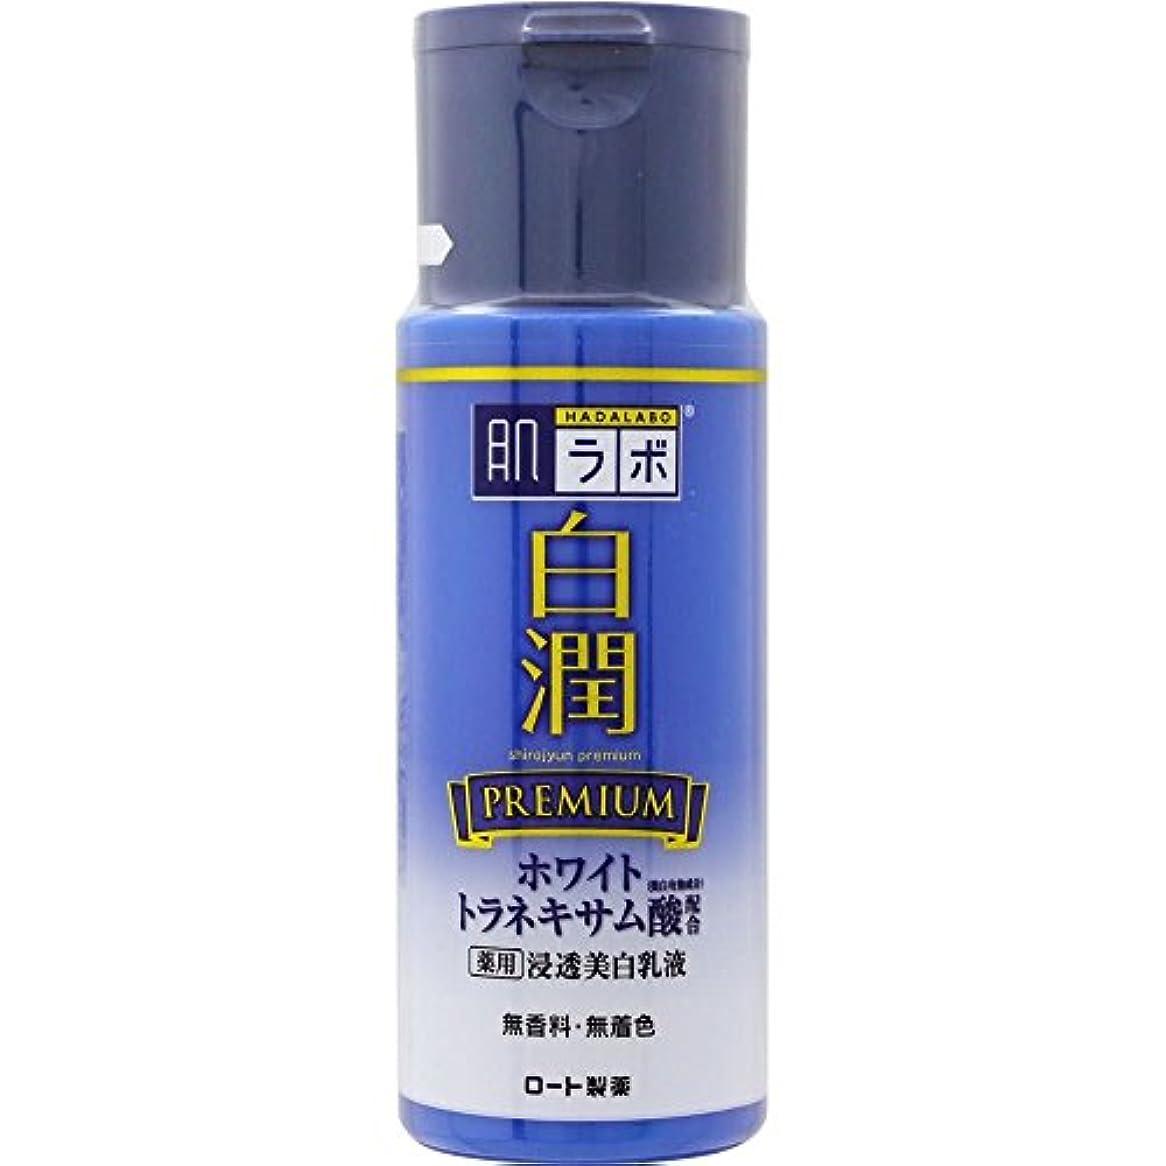 移行する破壊行動肌ラボ 白潤プレミアム 薬用浸透美白乳液 140mL (医薬部外品)